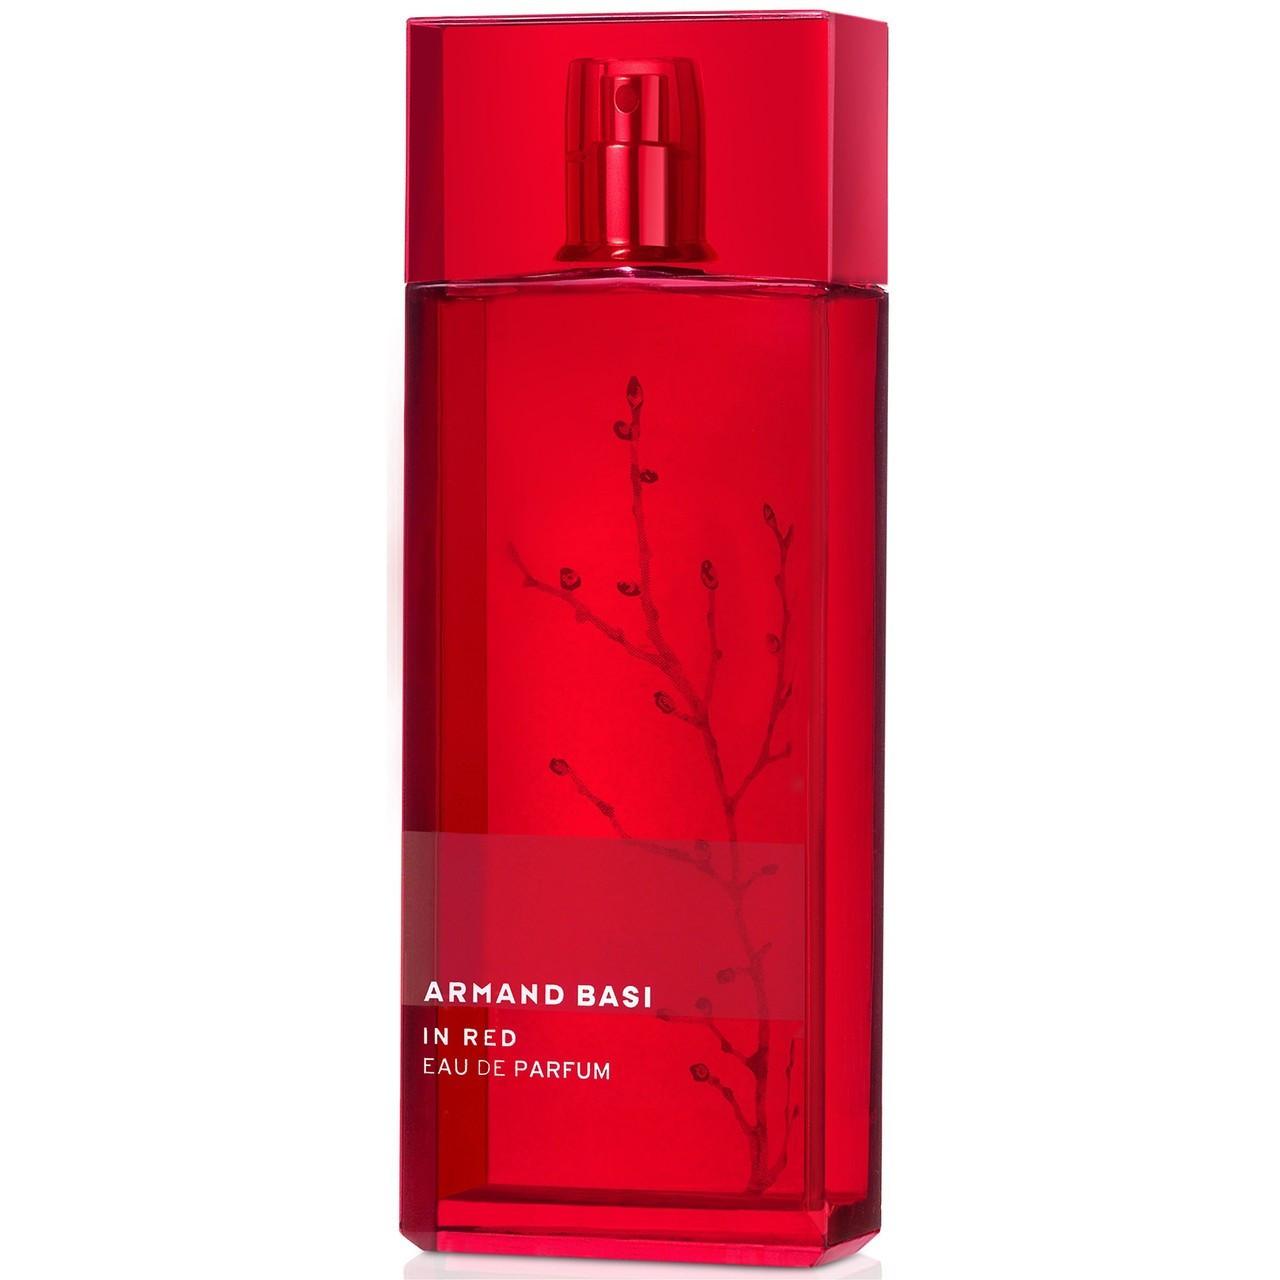 Armand Basi In Red Parfum 100 ml   Женская парфюмированная вода реплика